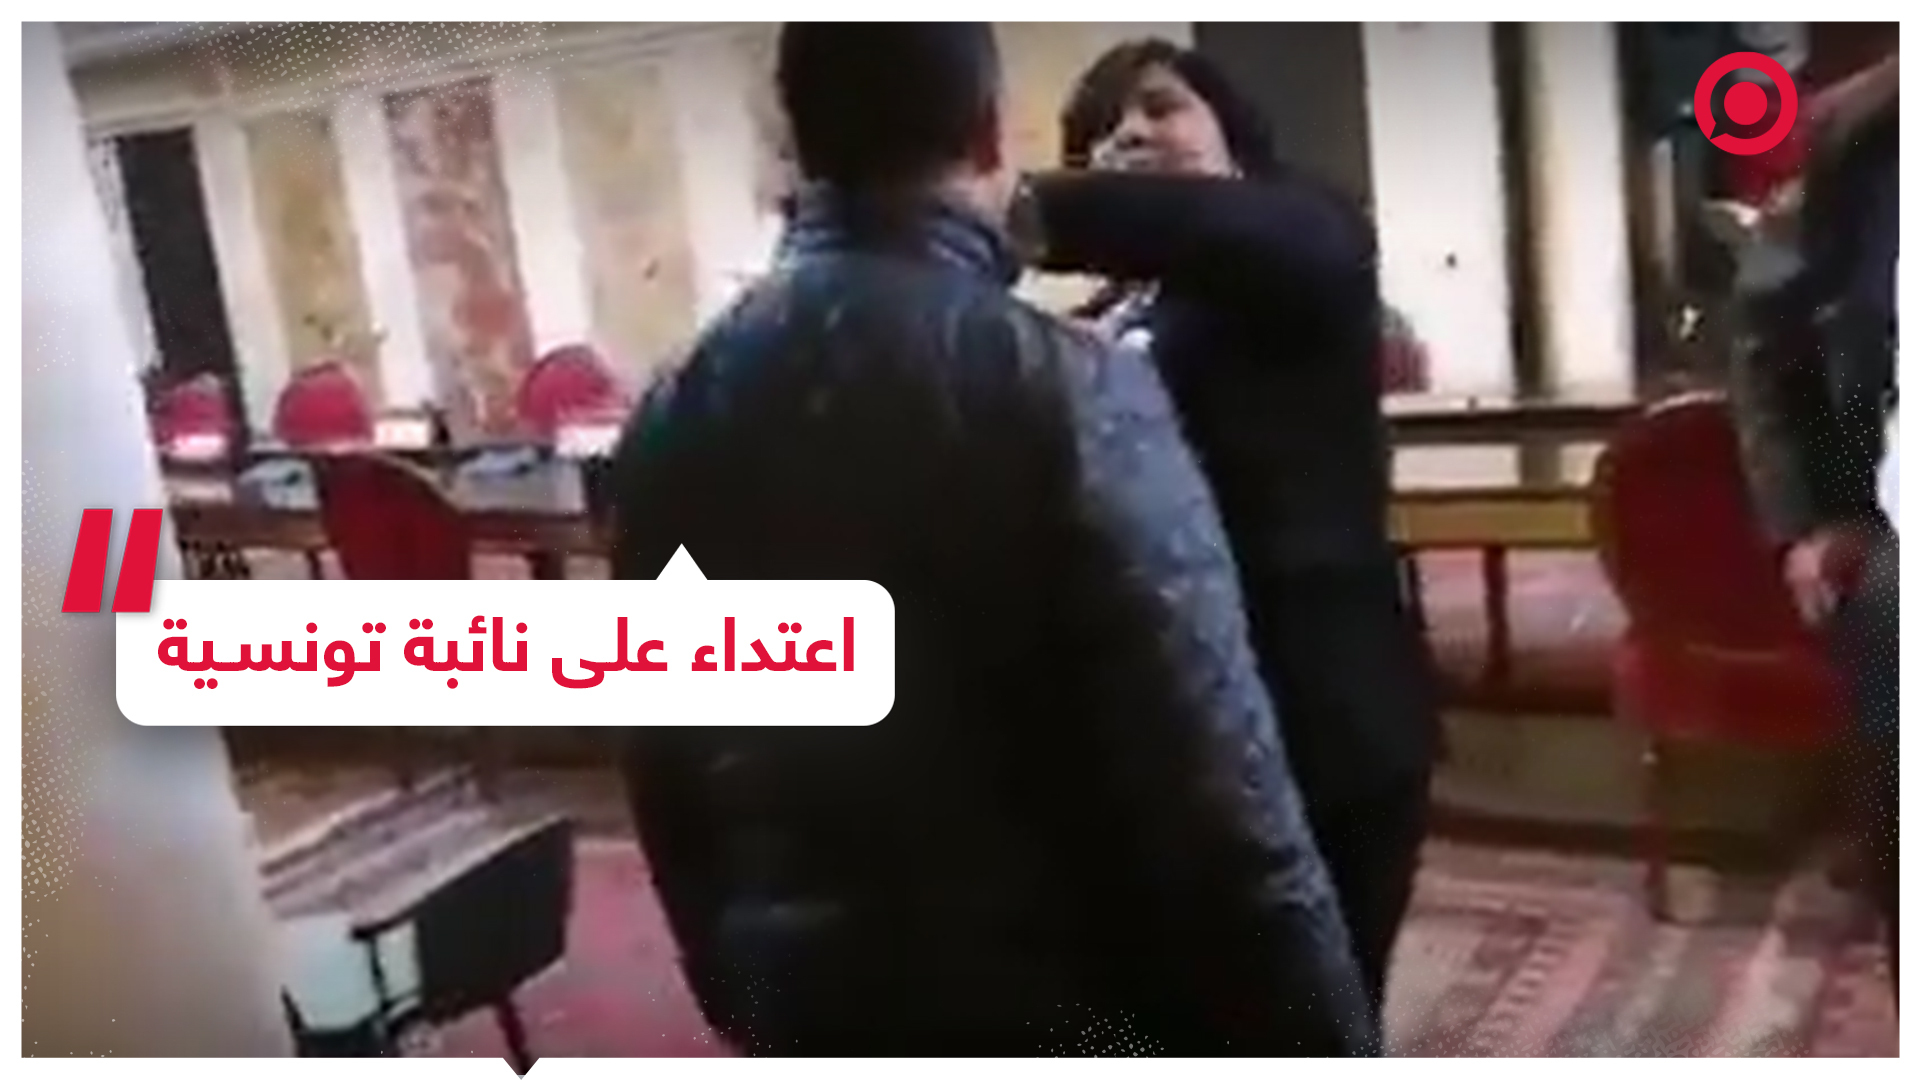 اعتداء على نائبة تونسية داخل البرلمان